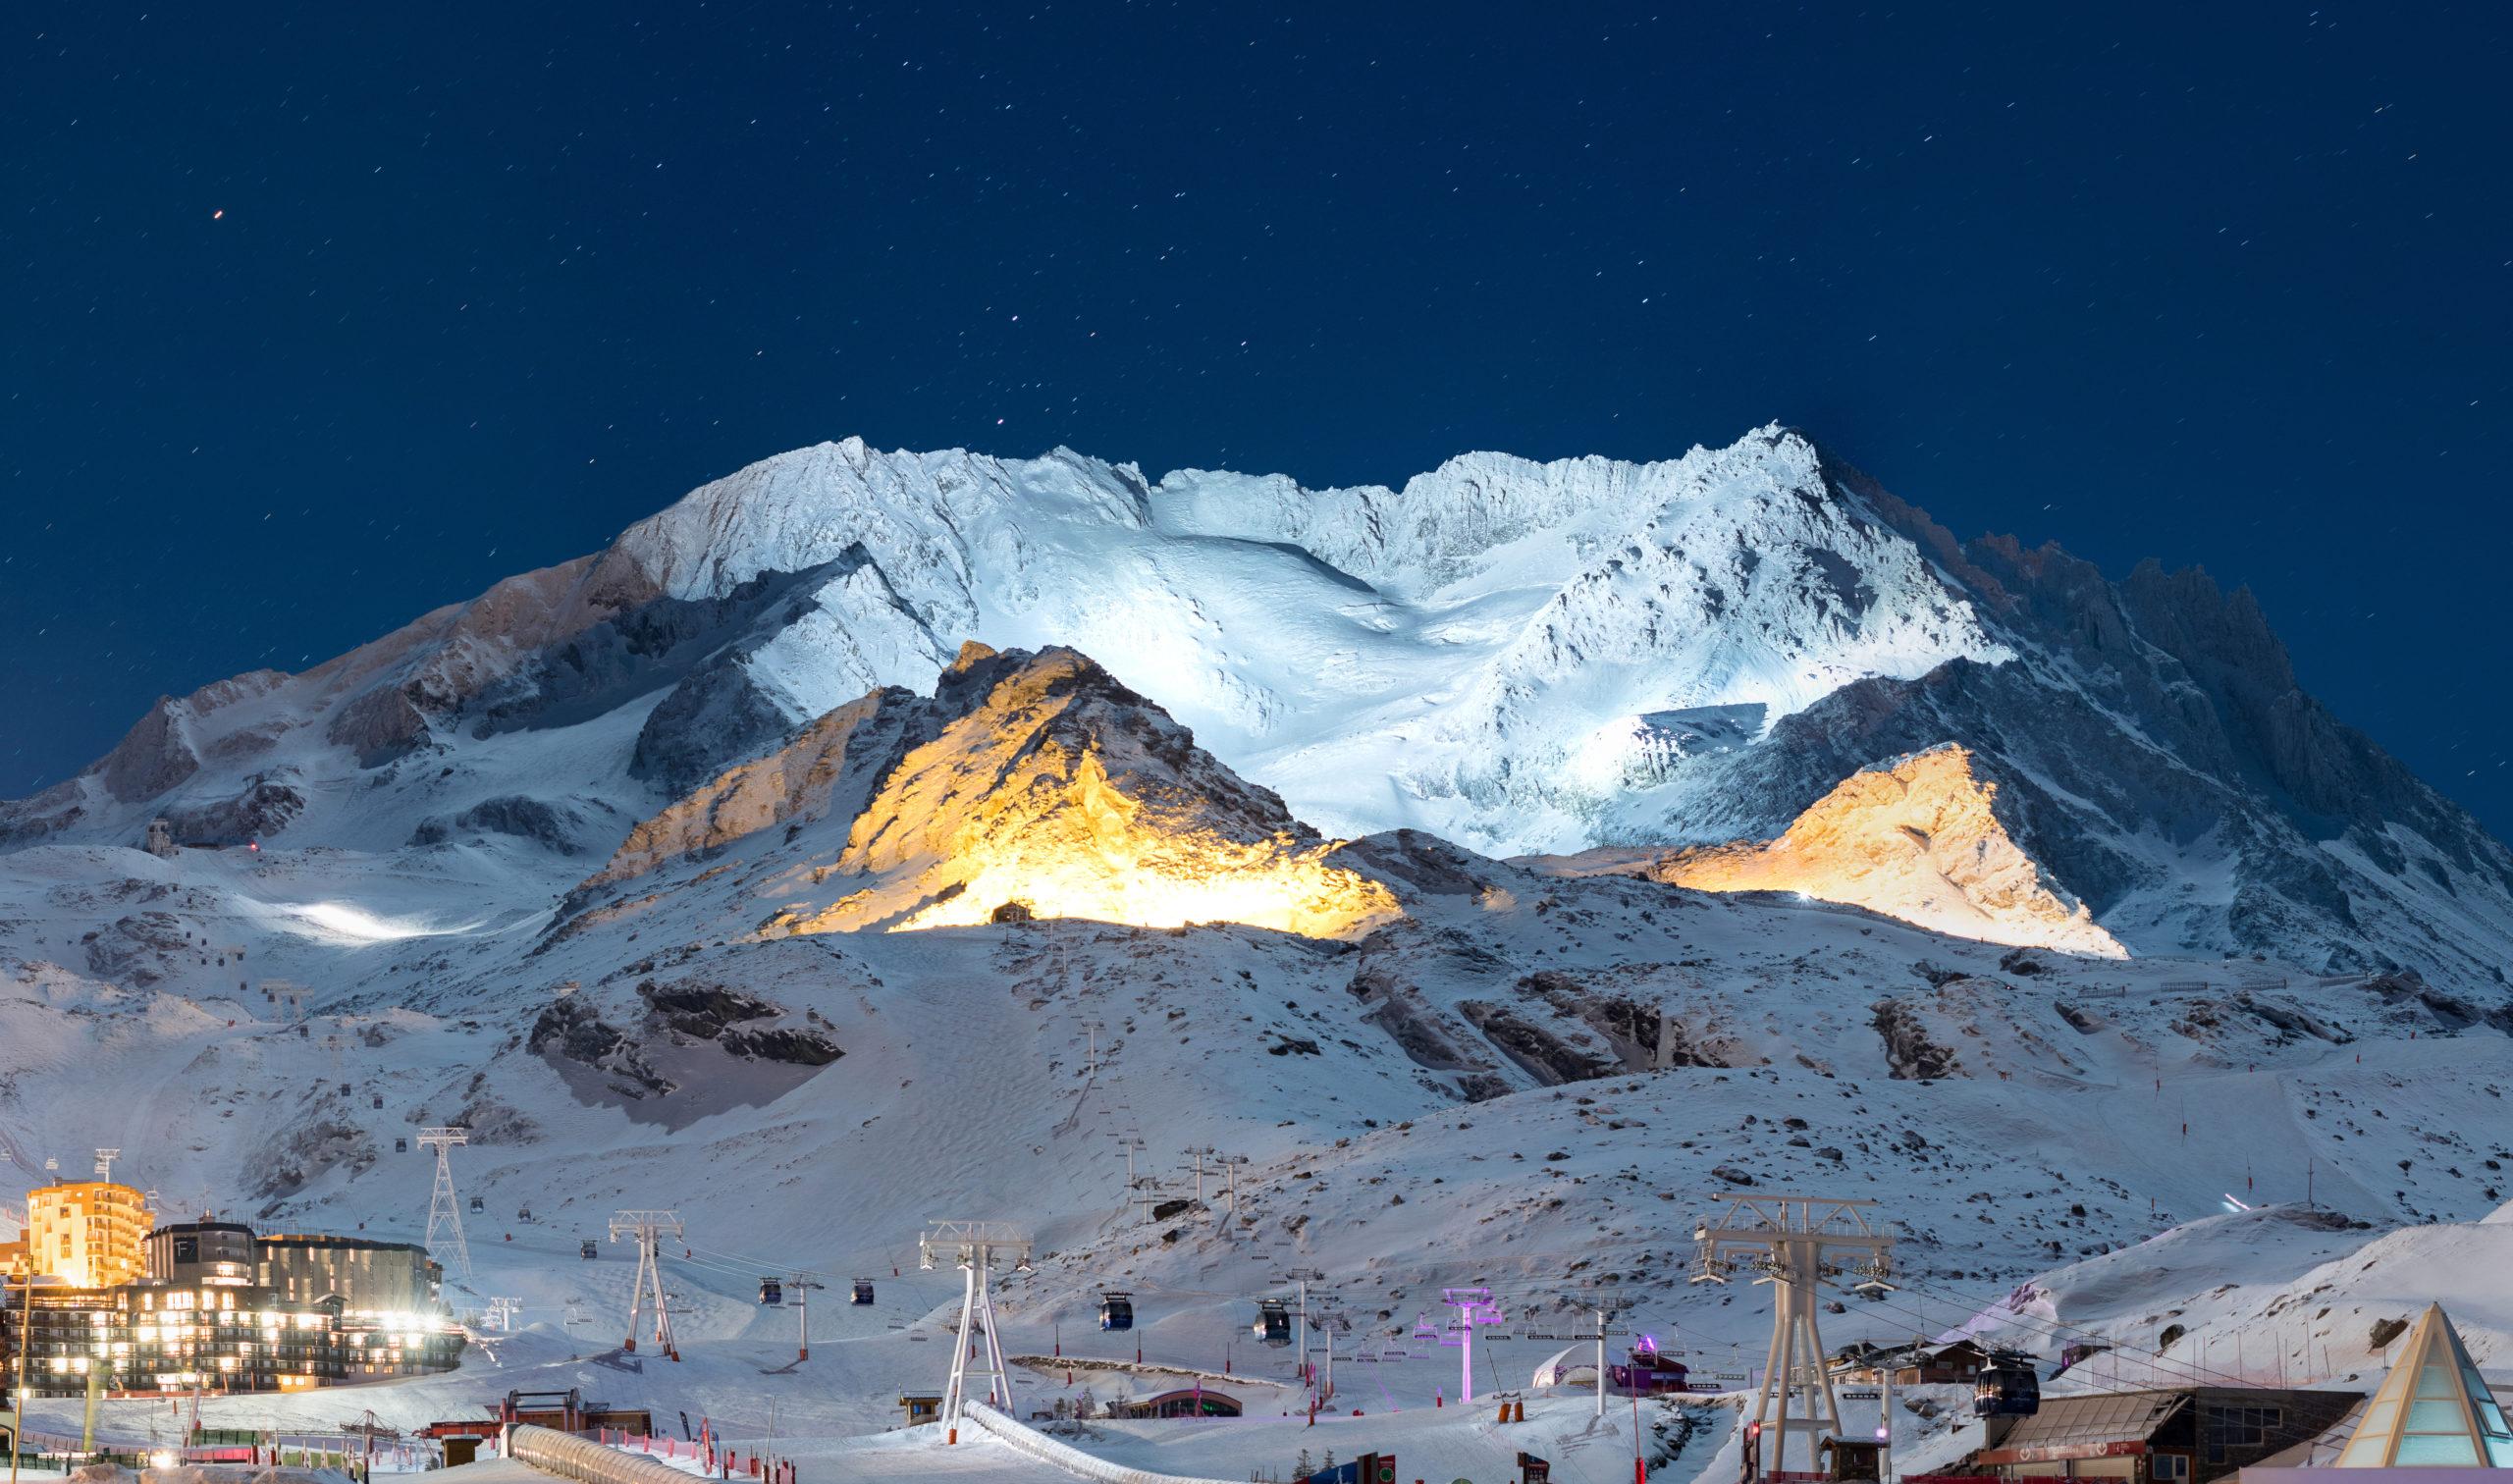 Peclet nuit - Les 3 Vallées